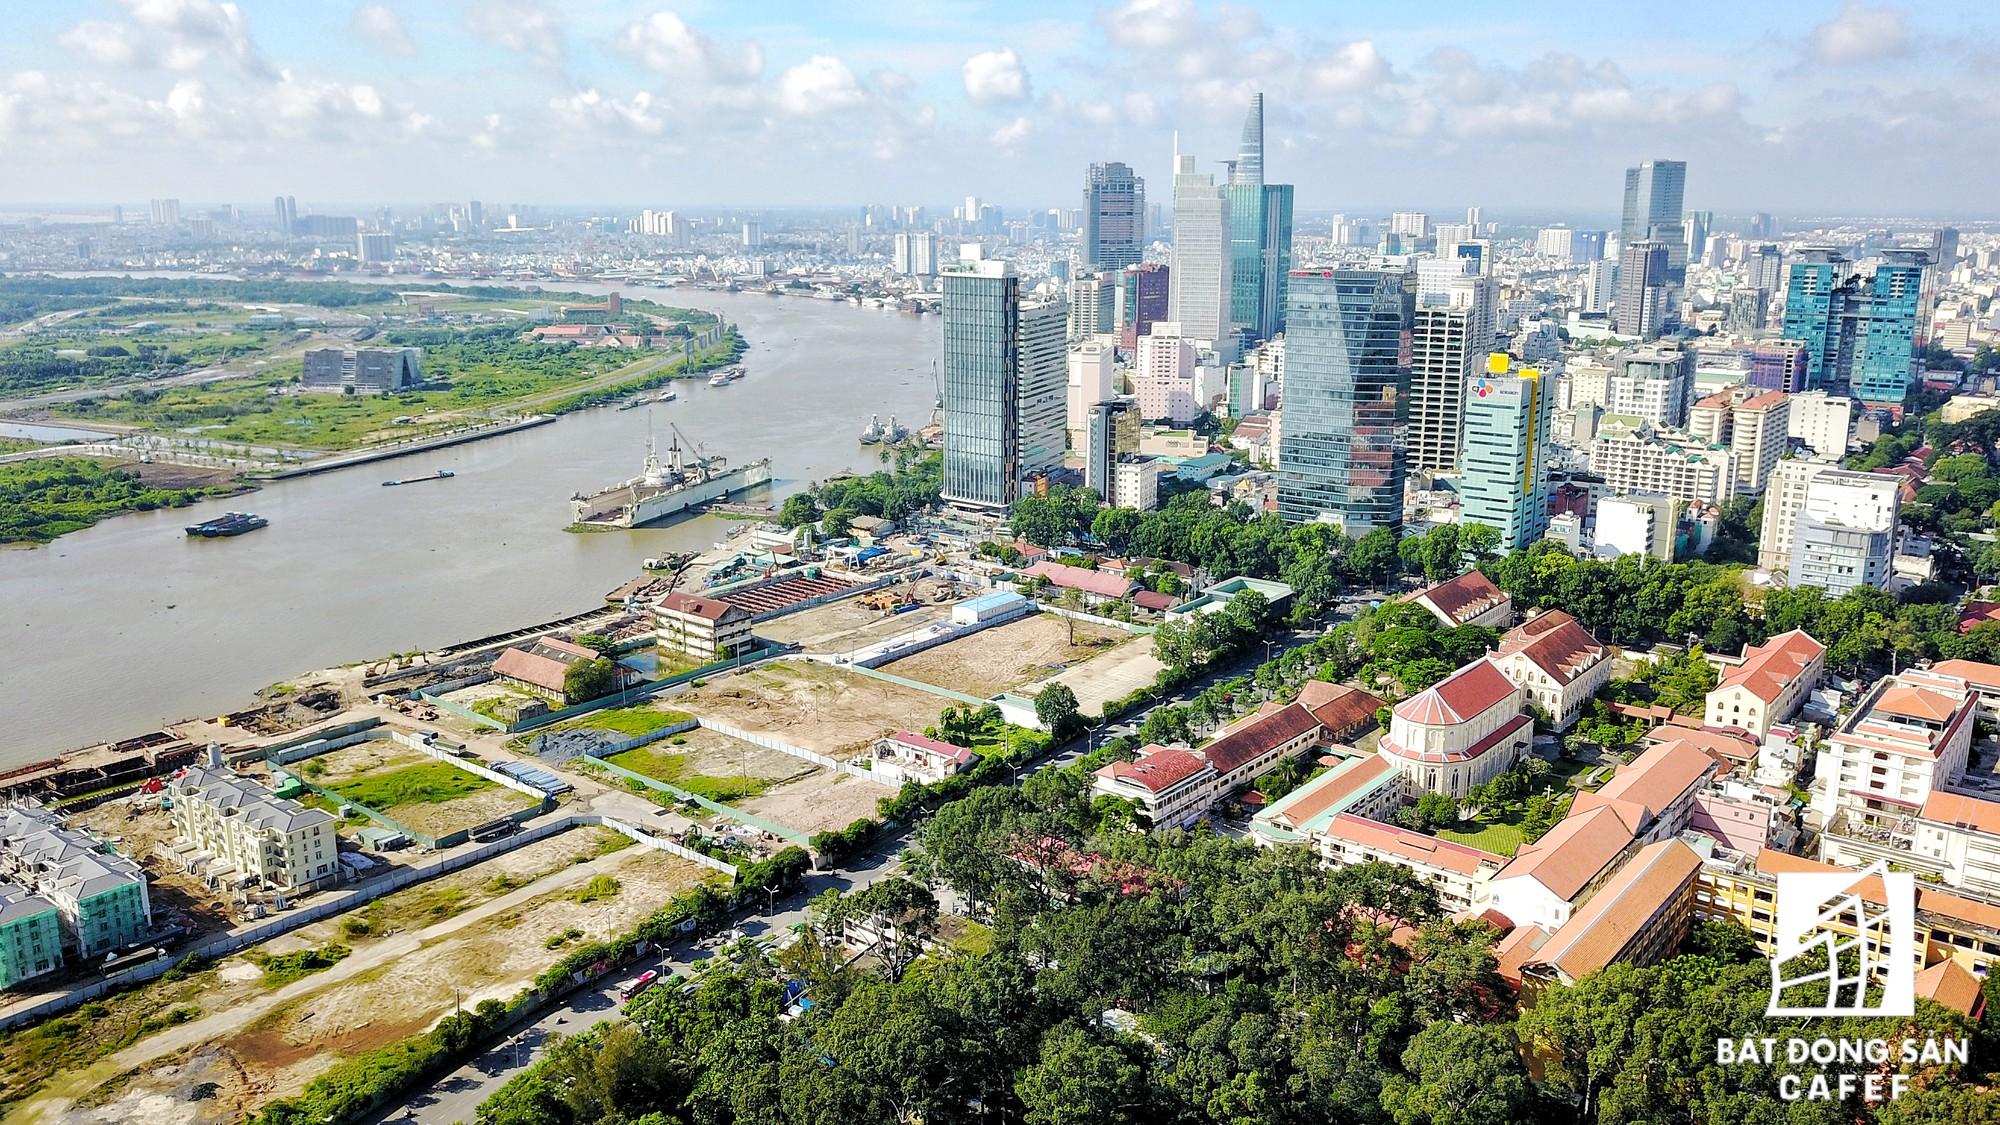 Toàn cảnh đô thị trung tâm Sài Gòn nhìn từ đỉnh tòa nhà cao nhất Việt Nam - Ảnh 22.